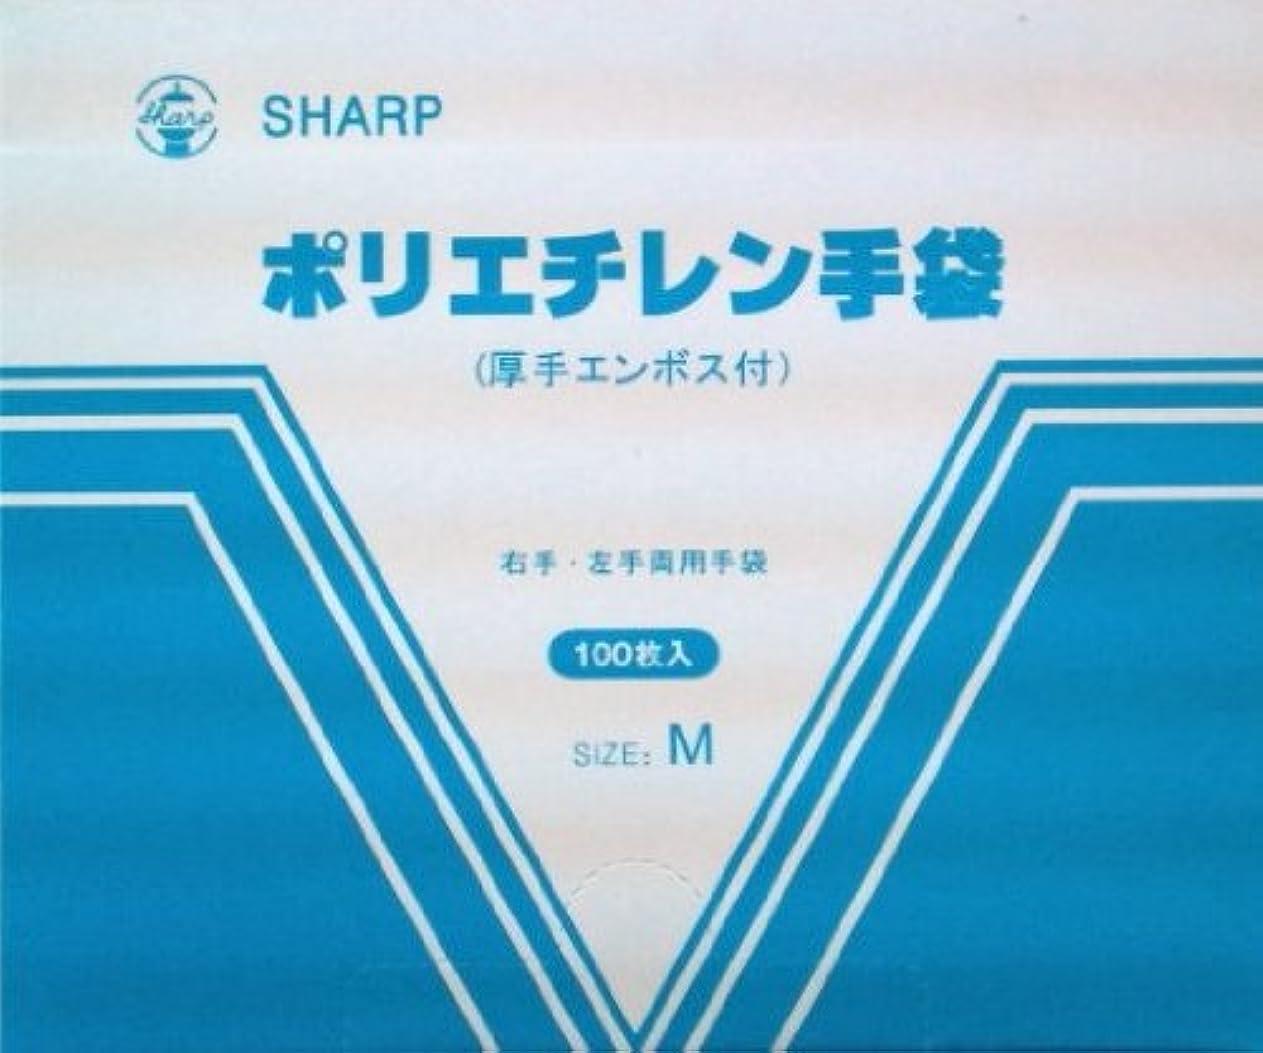 新鋭工業 SHARP ポリエチレン手袋 左右兼用100枚入り Mサイズ 100枚入り